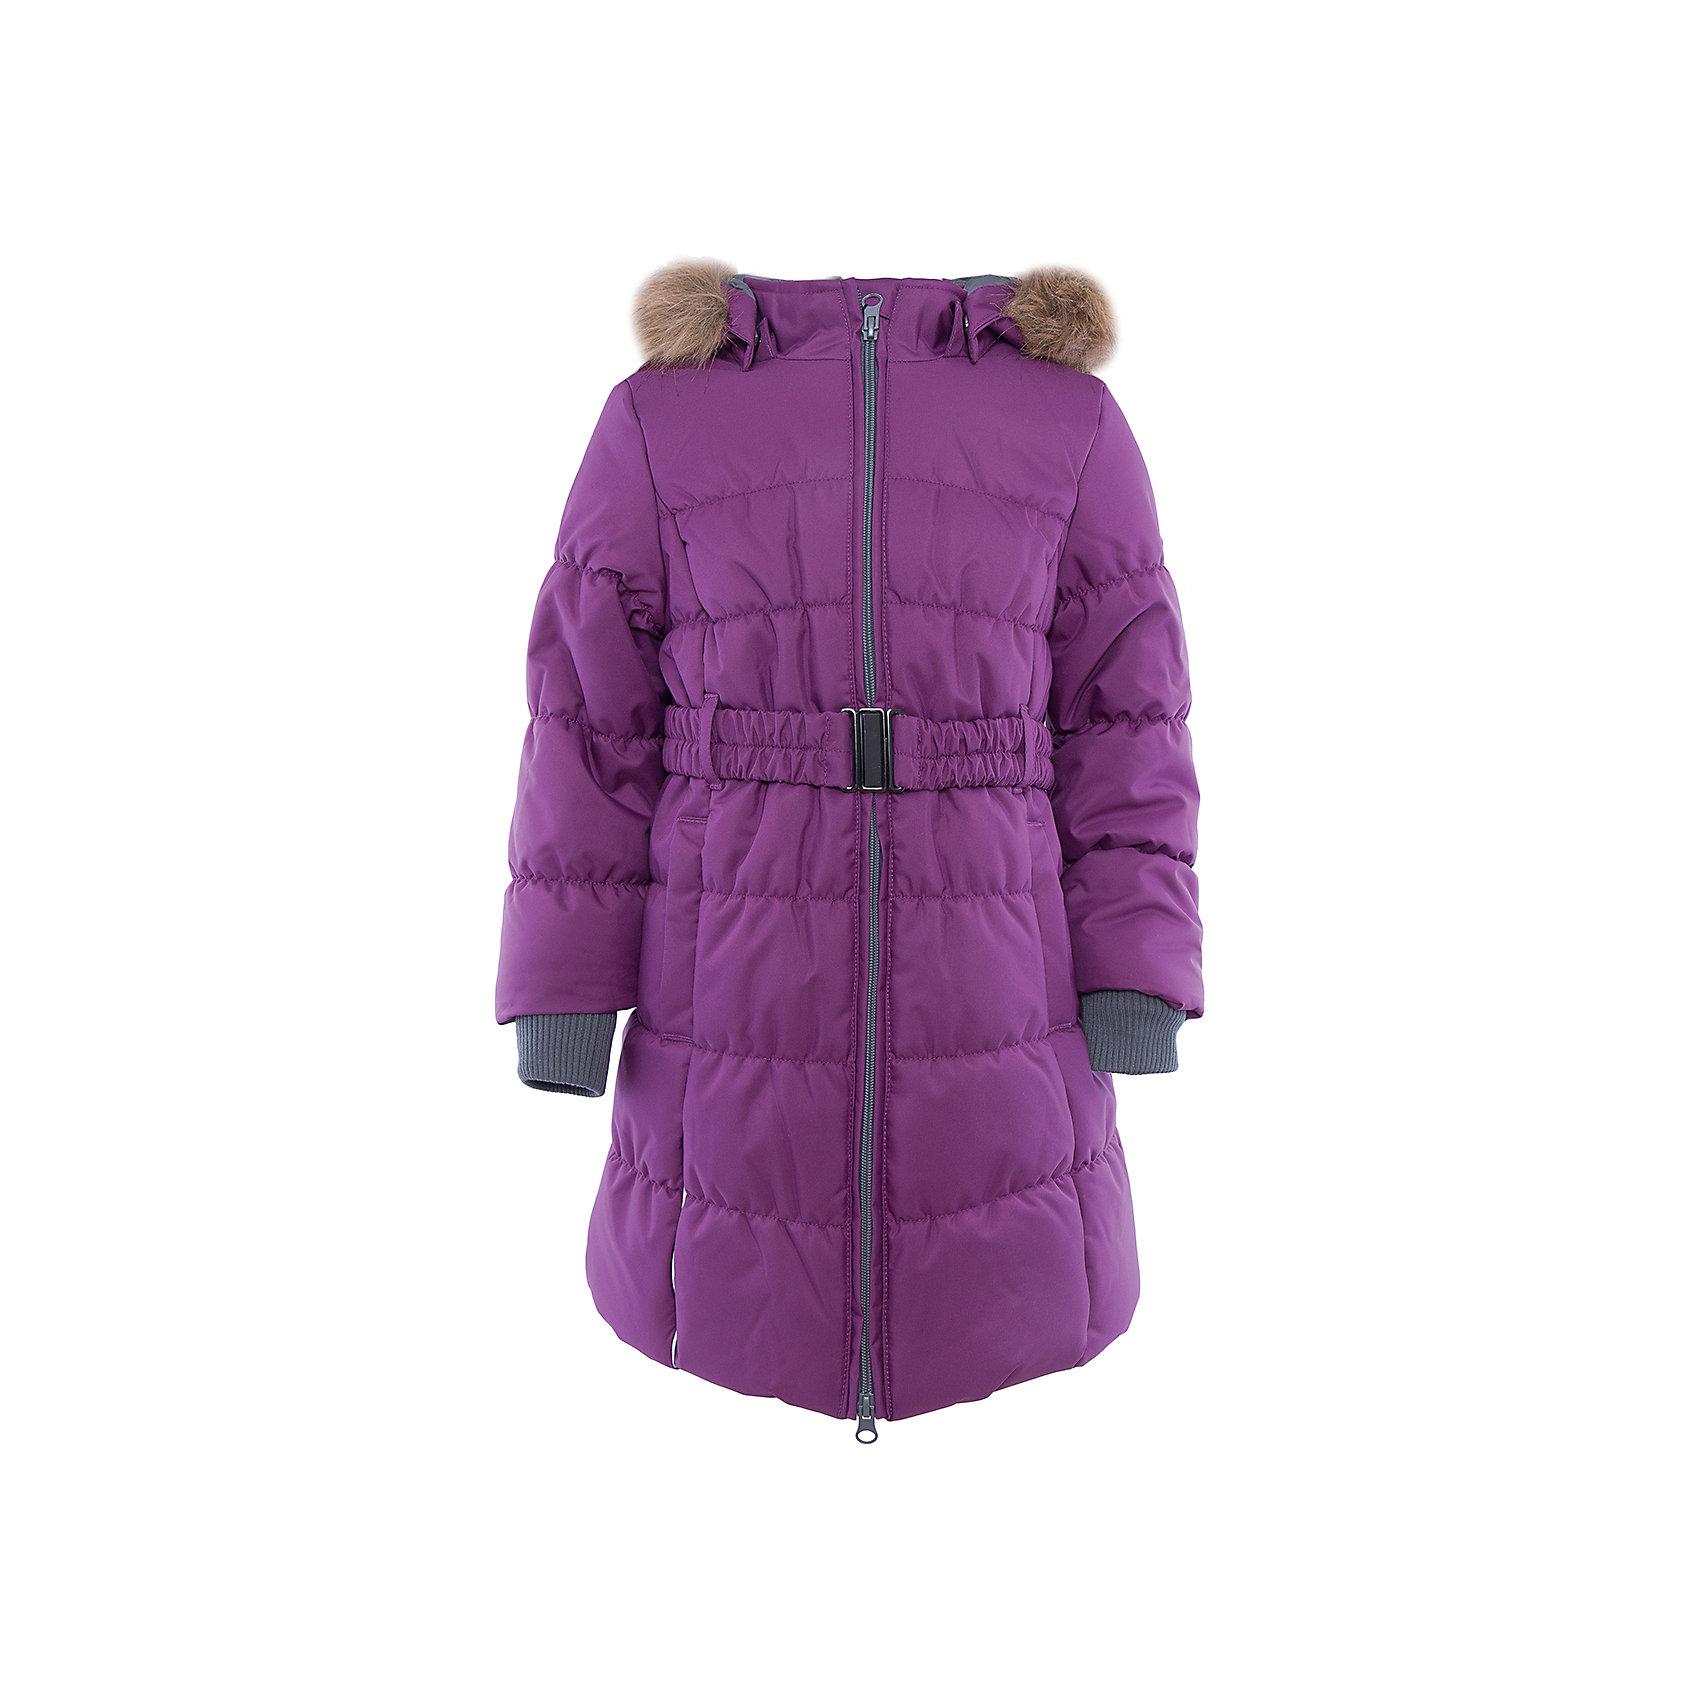 Пальто   для девочки HuppaВерхняя одежда<br>Пальто YACARANDA Huppa(Хуппа).<br><br>Утеплитель: 100% полиэстер, 300 гр.<br><br>Температурный режим: до -30 градусов. Степень утепления – высокая. <br><br>* Температурный режим указан приблизительно — необходимо, прежде всего, ориентироваться на ощущения ребенка. Температурный режим работает в случае соблюдения правила многослойности – использования флисовой поддевы и термобелья.<br><br>Идеально подойдет девочке в холодную погоду. Пальто имеет приталенный силуэт, внутренние вязаные манжеты, двойную молнию и большой отстегивающийся капюшон с искусственным мехом. Водонепроницаемая поверхность в сочетании с утеплителем помогут девочке оставаться в тепле и сухости в течение всей прогулки. Пальто легко стирается и быстро сохнет. Все ткани очень прочные и защищены от истирания. Прекрасно подойдет для зимы.<br><br>Дополнительная информация:<br>Материал: 100% полиэстер<br>Подкладка: тафта - 100% полиэстер, флис - 100% полиэстер<br>Цвет: лиловый<br><br>Вы можете приобрести пальто YACARANDA Huppa(Хуппа) в нашем интернет-магазине.<br><br>Ширина мм: 356<br>Глубина мм: 10<br>Высота мм: 245<br>Вес г: 519<br>Цвет: фиолетовый<br>Возраст от месяцев: 36<br>Возраст до месяцев: 48<br>Пол: Женский<br>Возраст: Детский<br>Размер: 104,170,110,116,122,128,134,140,146,152,158,164<br>SKU: 4928061